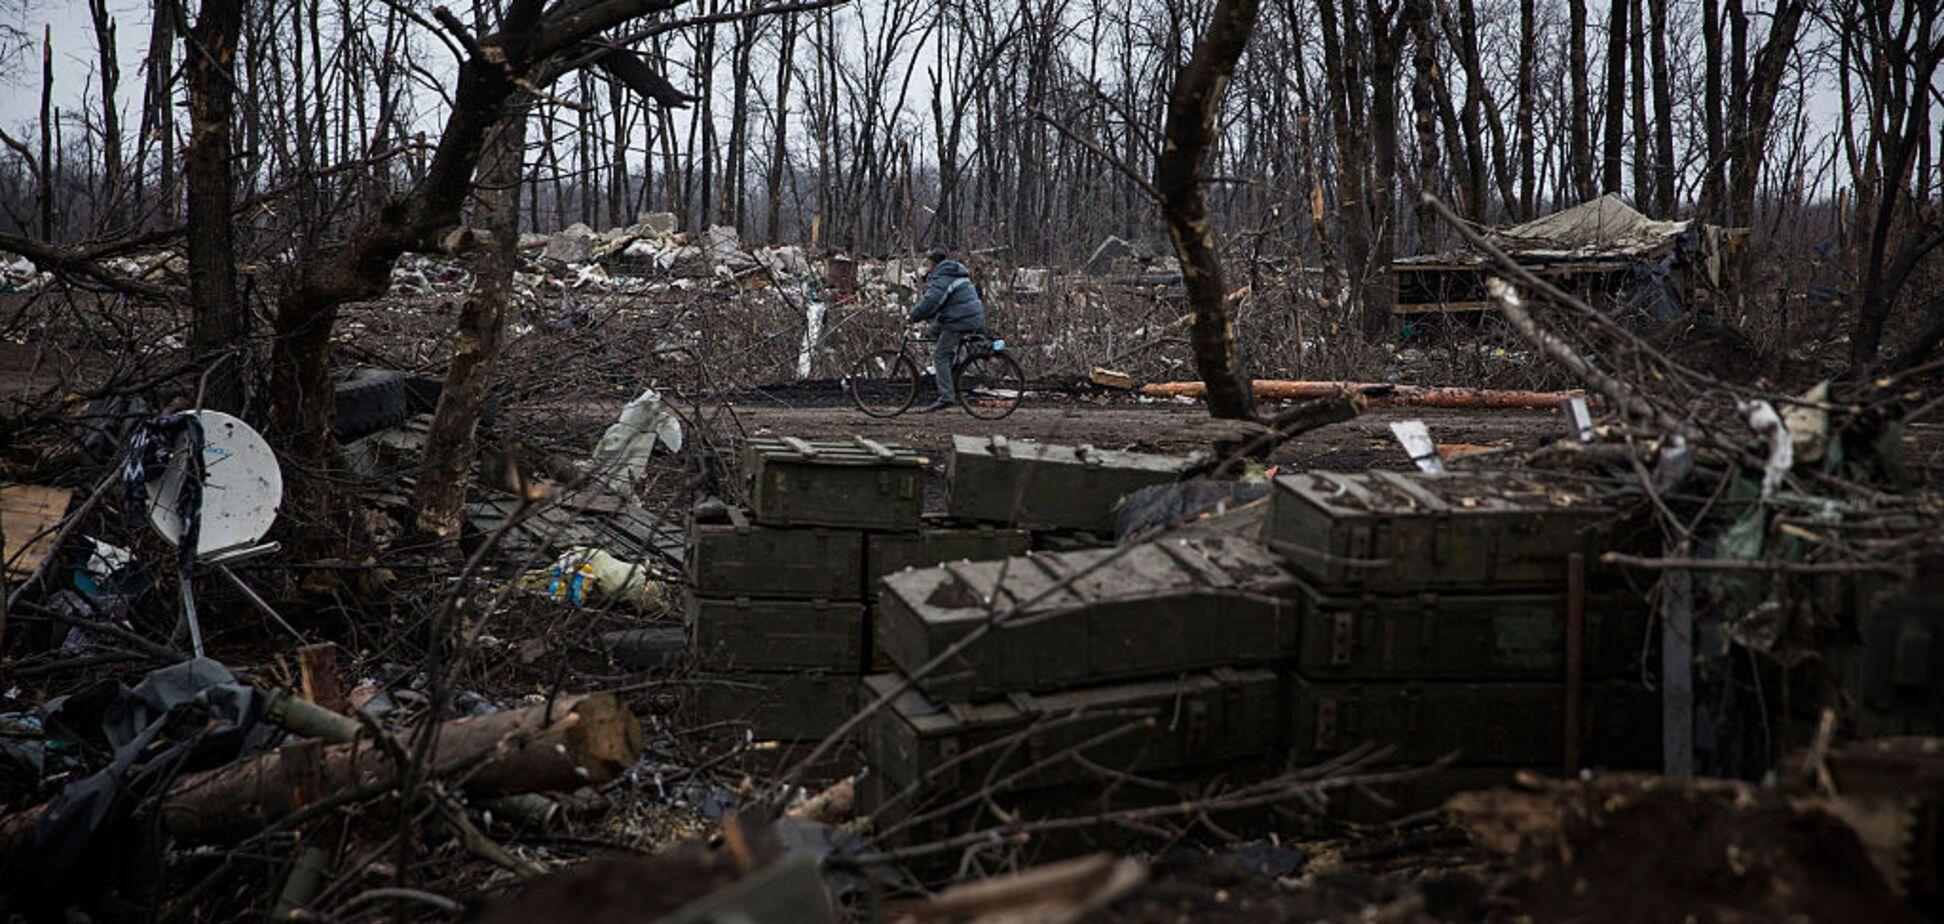 Бойцы АТО подорвались на Донбассе: есть жертвы и раненые